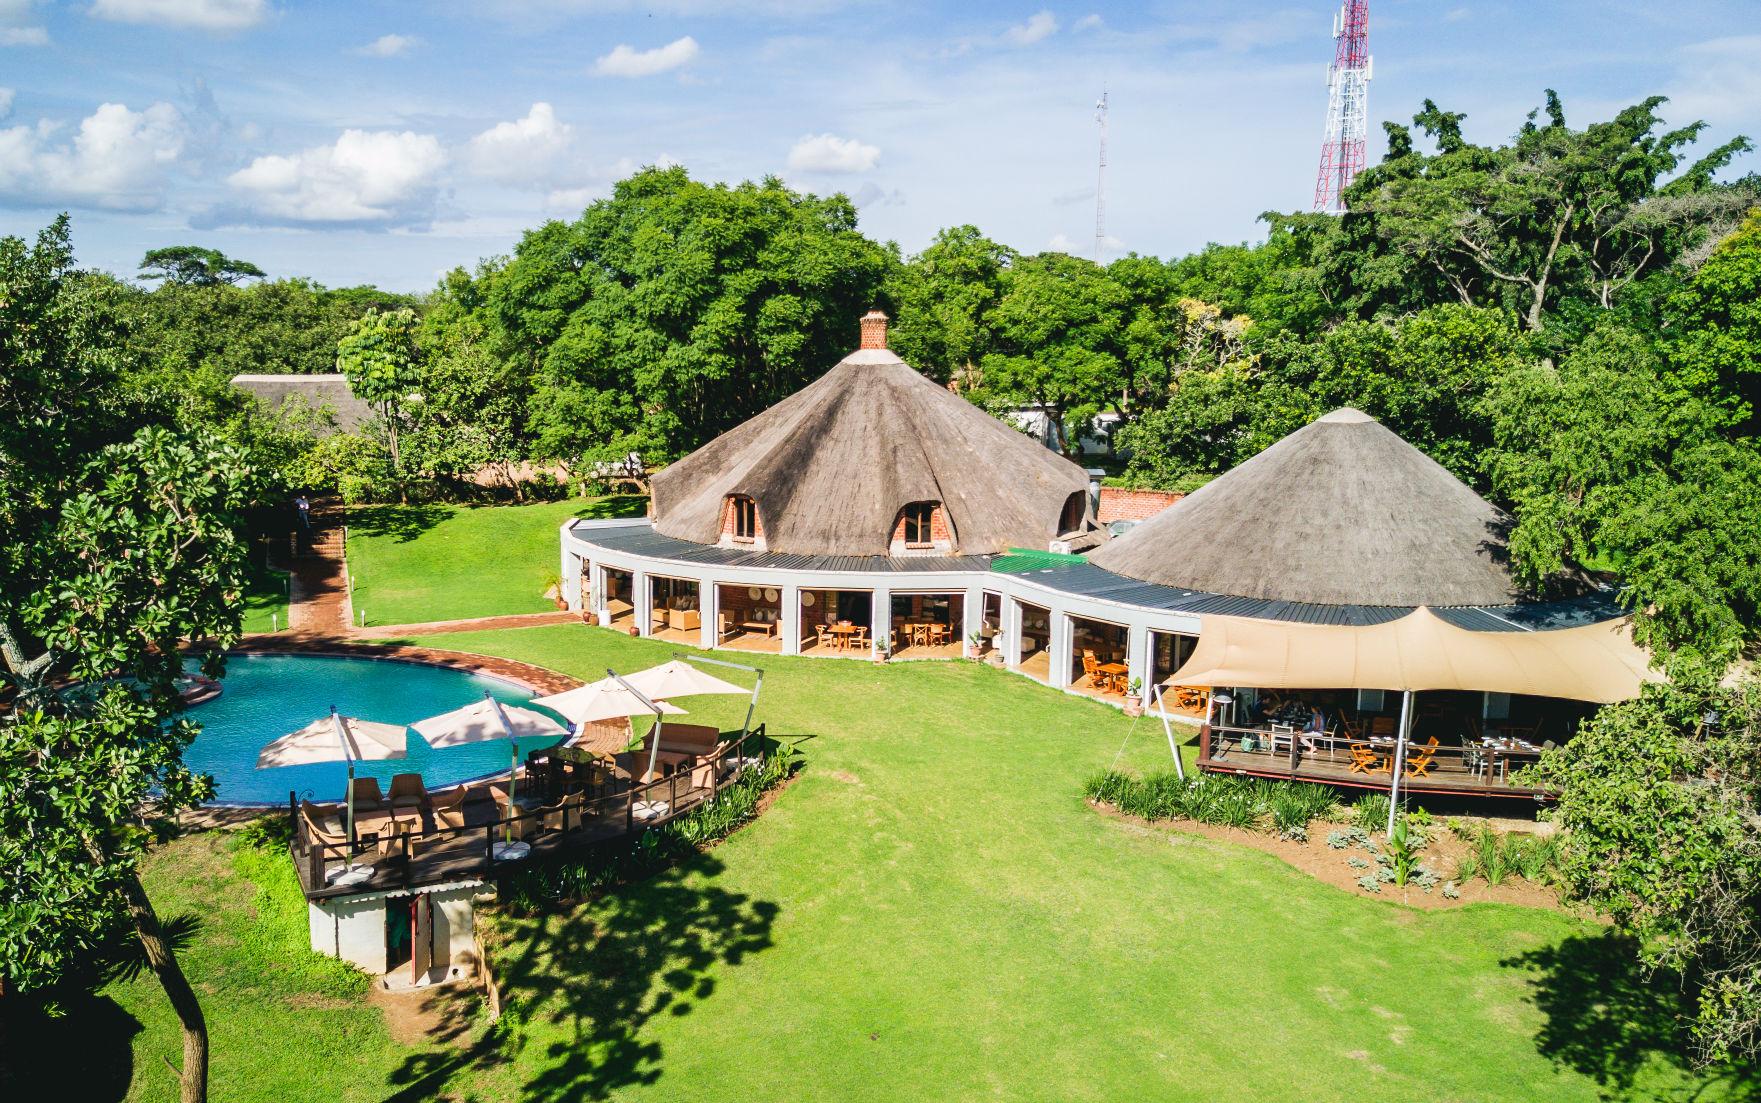 Lilayi Lodge Aerial 010717-1-r50.jpg